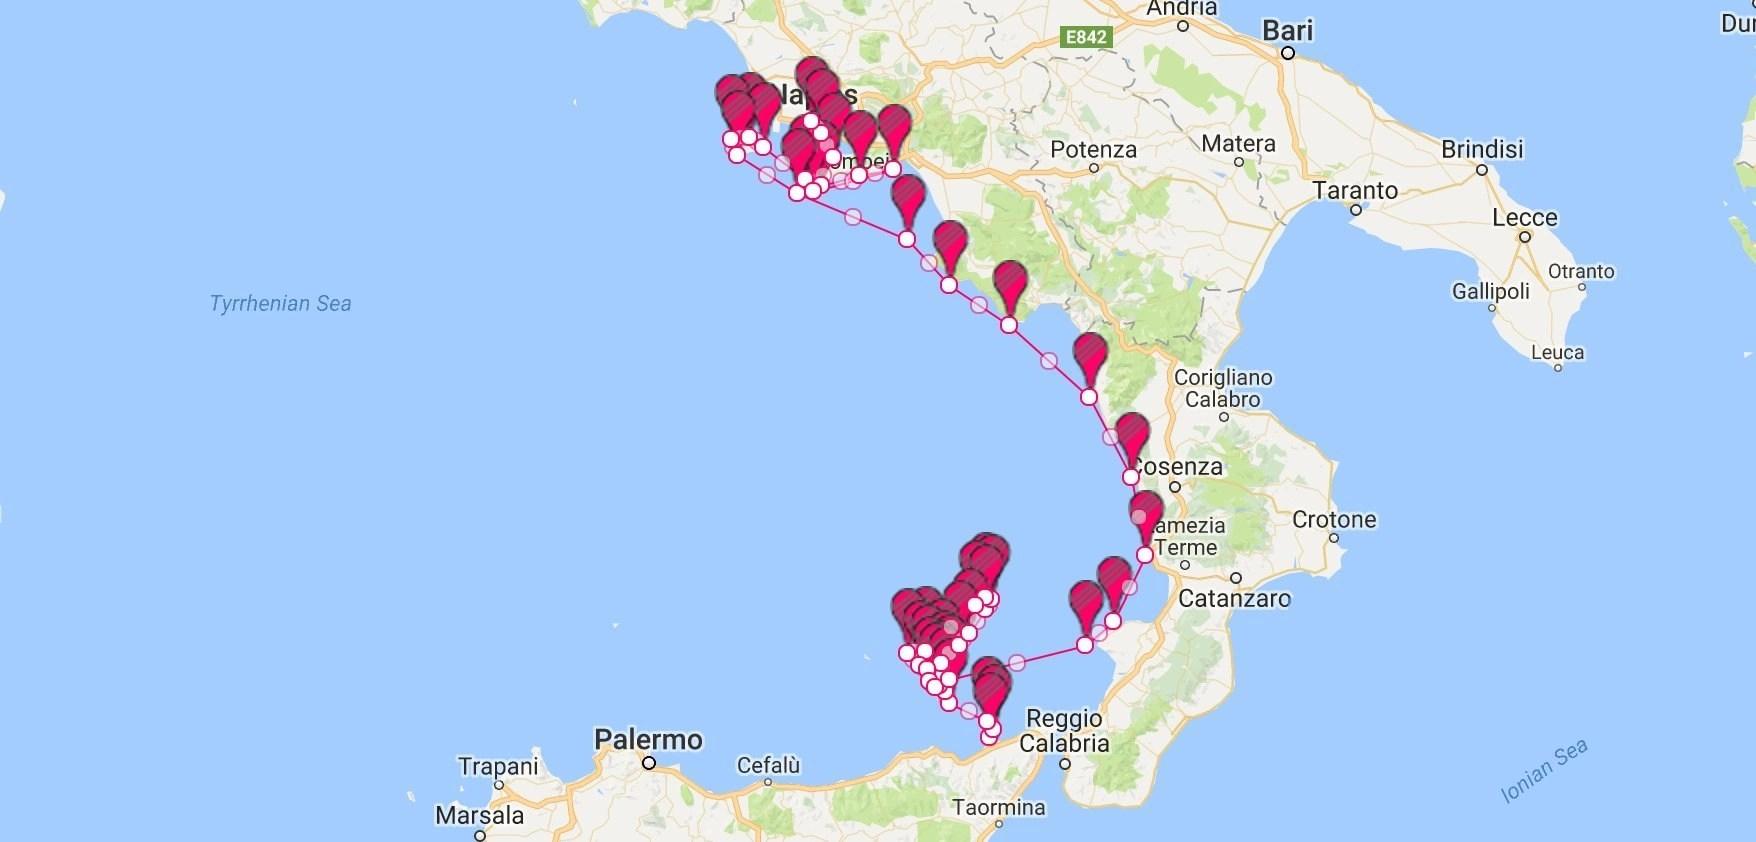 Amalfi Coast Yacht Charter Itinerary Sailing Itineraries